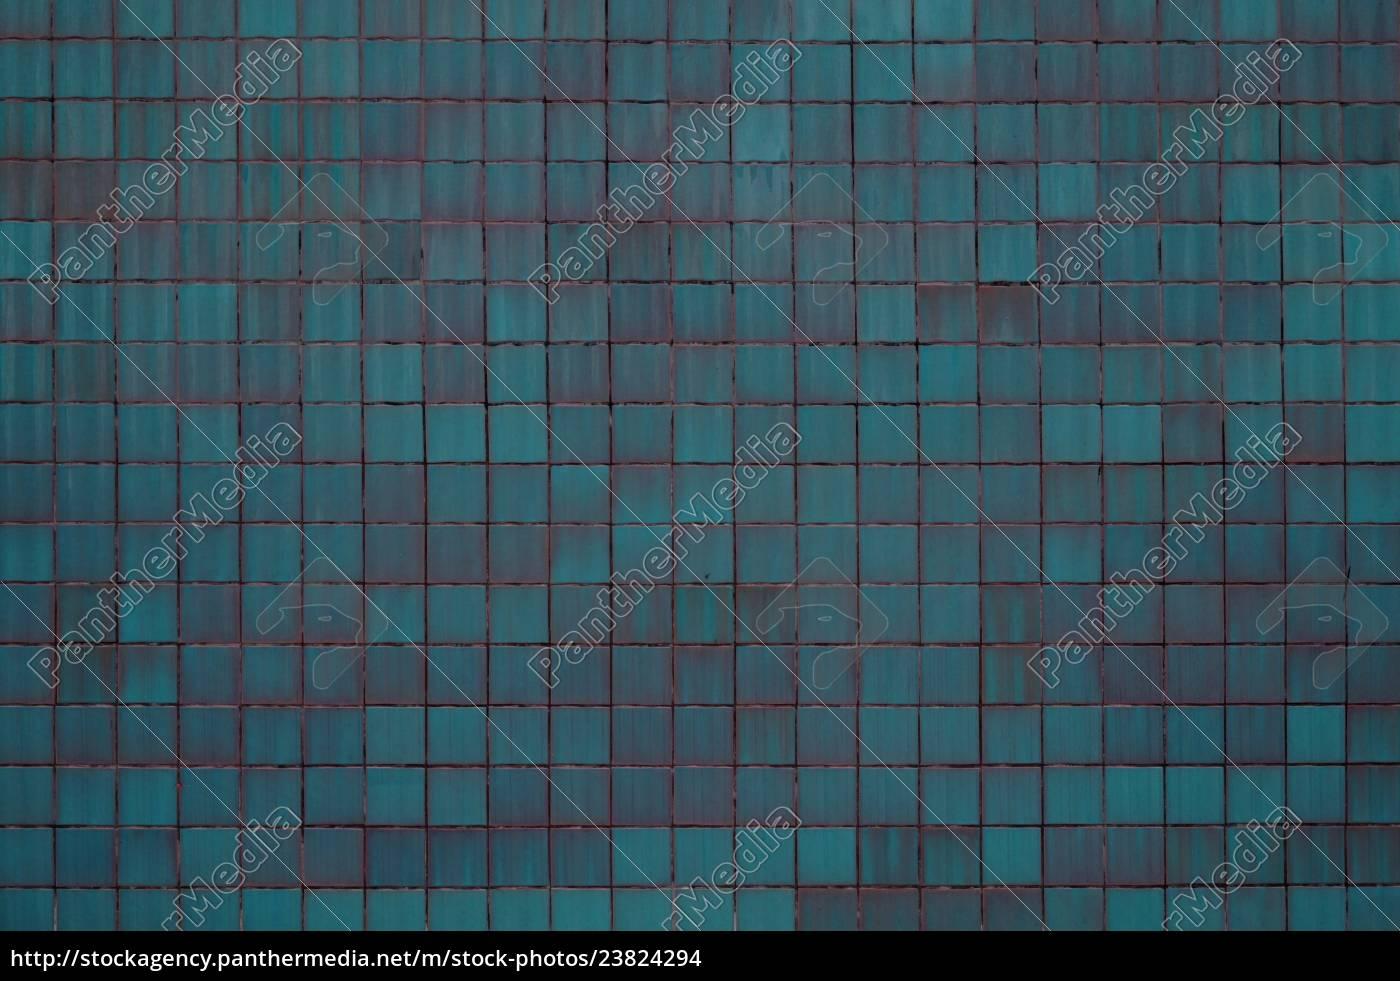 Blau Turkise Hintergrund Wand Mit Fliesen Stock Photo 23824294